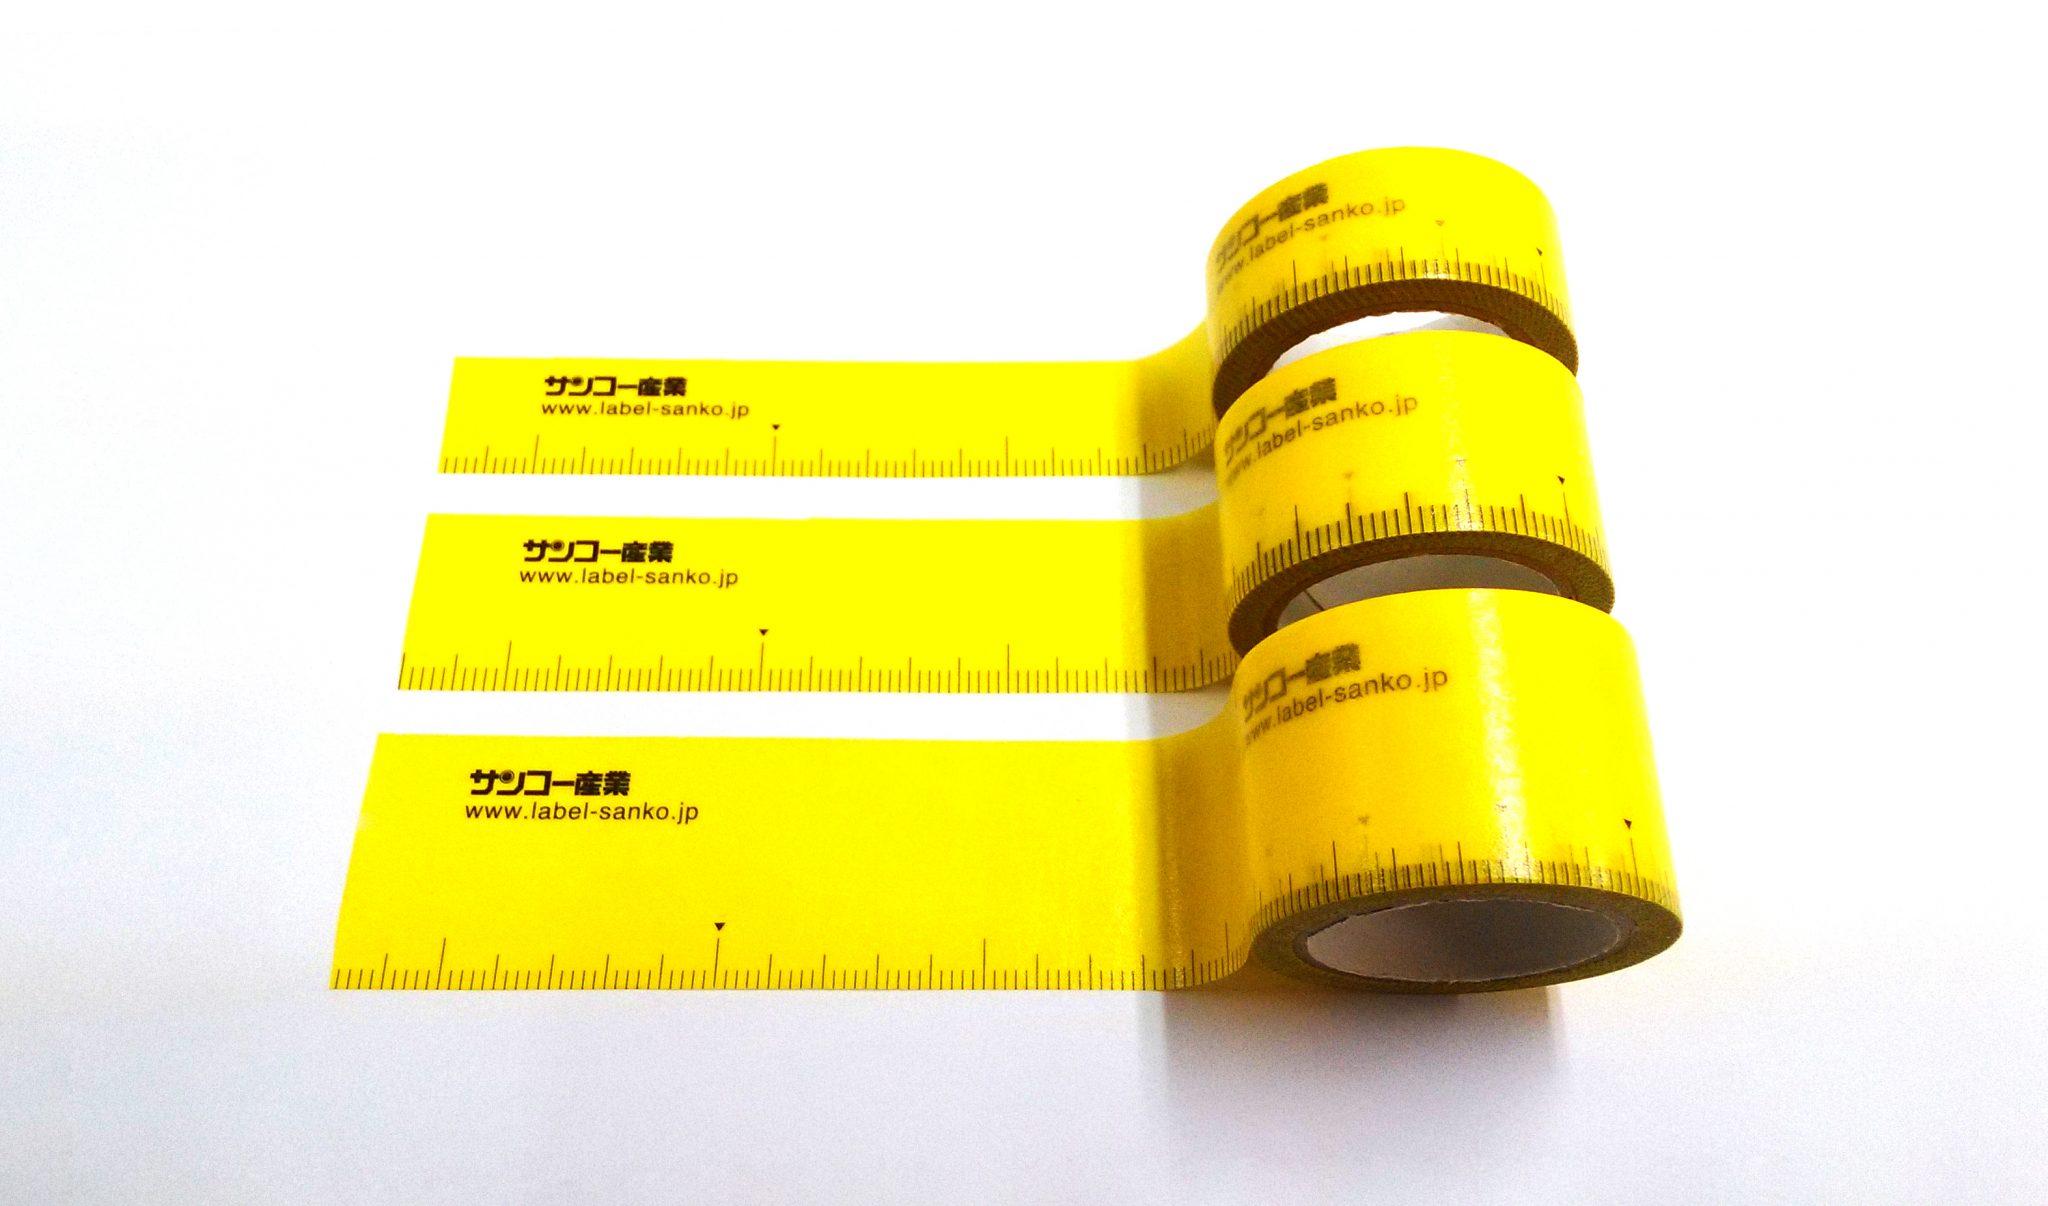 目盛り付きマスキングテープ1